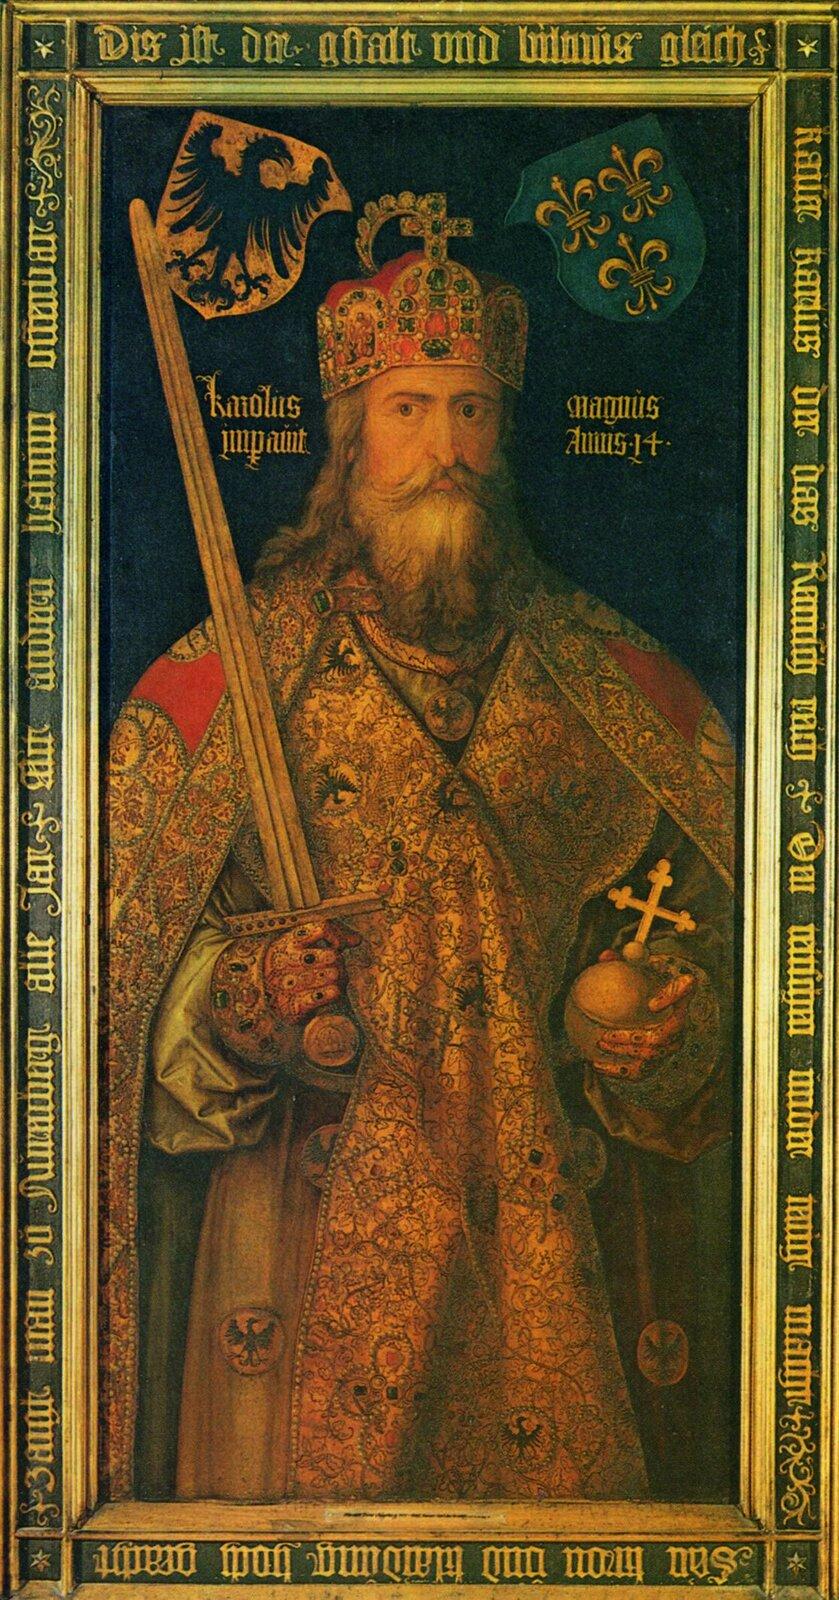 Cesarz Karol Wielki Karol Wielki stworzył pierwsze europejskie imperium średniowiecza iw800 roku został cesarzem. Źródło: Albrecht Dürer, Cesarz Karol Wielki, 1511–1513, olej na desce, Germanisches Nationalmuseum, domena publiczna.